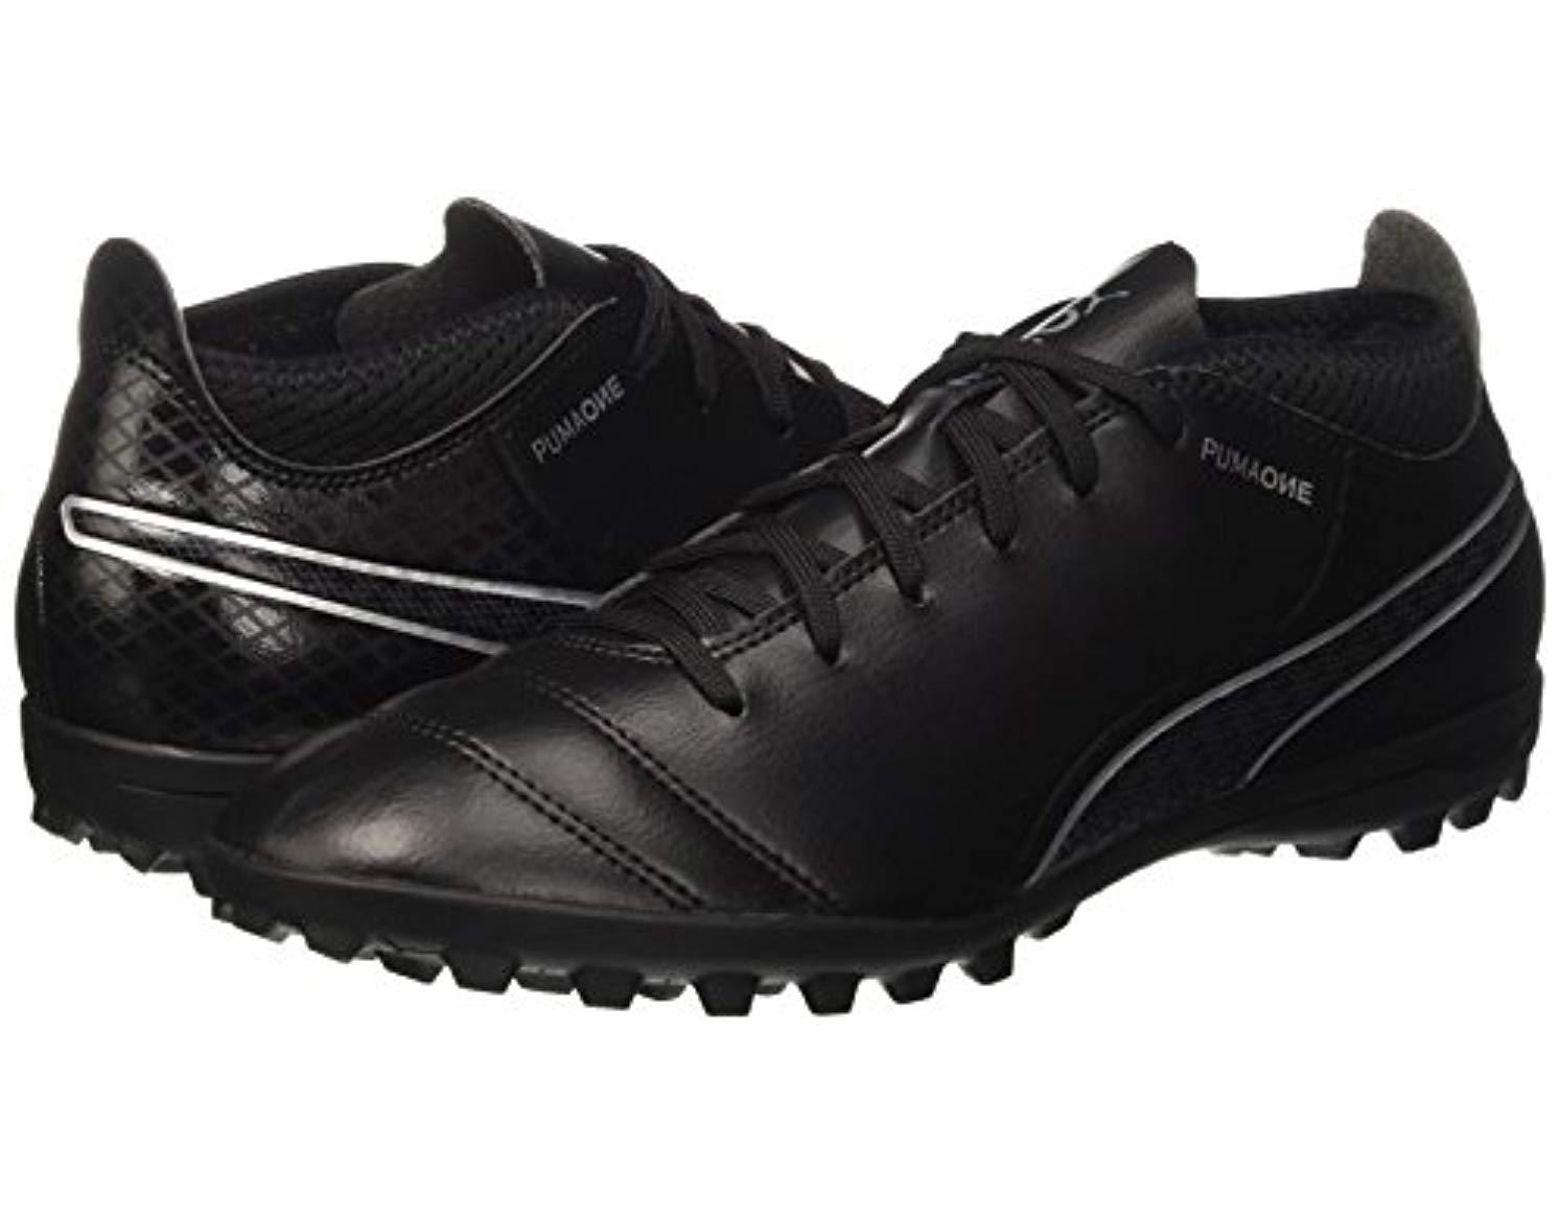 Puma Black For 17 4 Football Tt One Men Boots Lyst In 2IE9YWDH